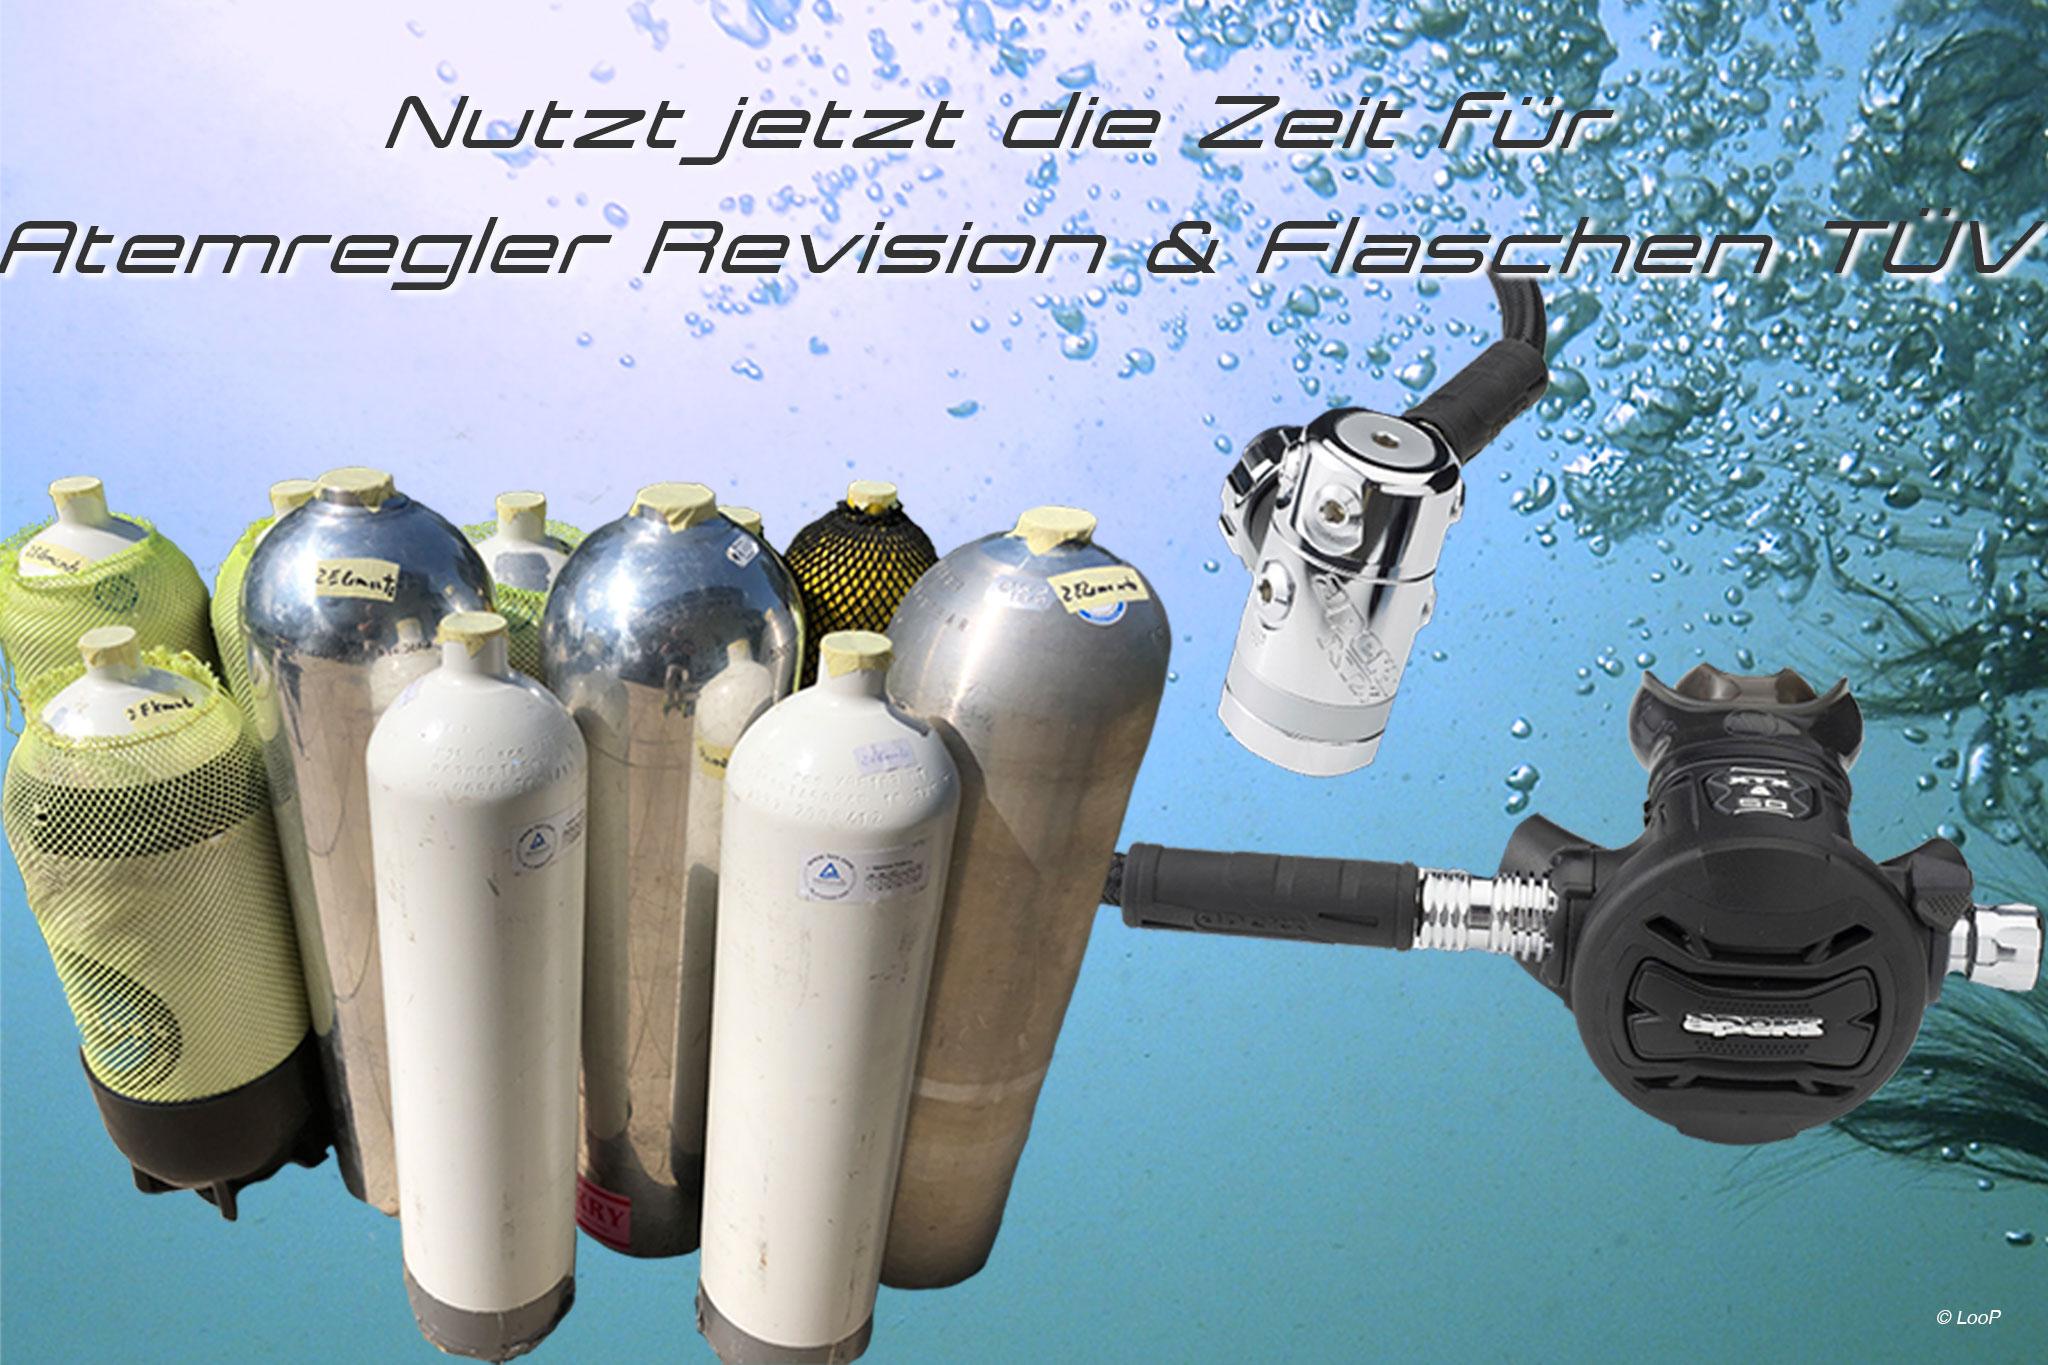 Atemregler Revision und/oder Flaschen TÜV